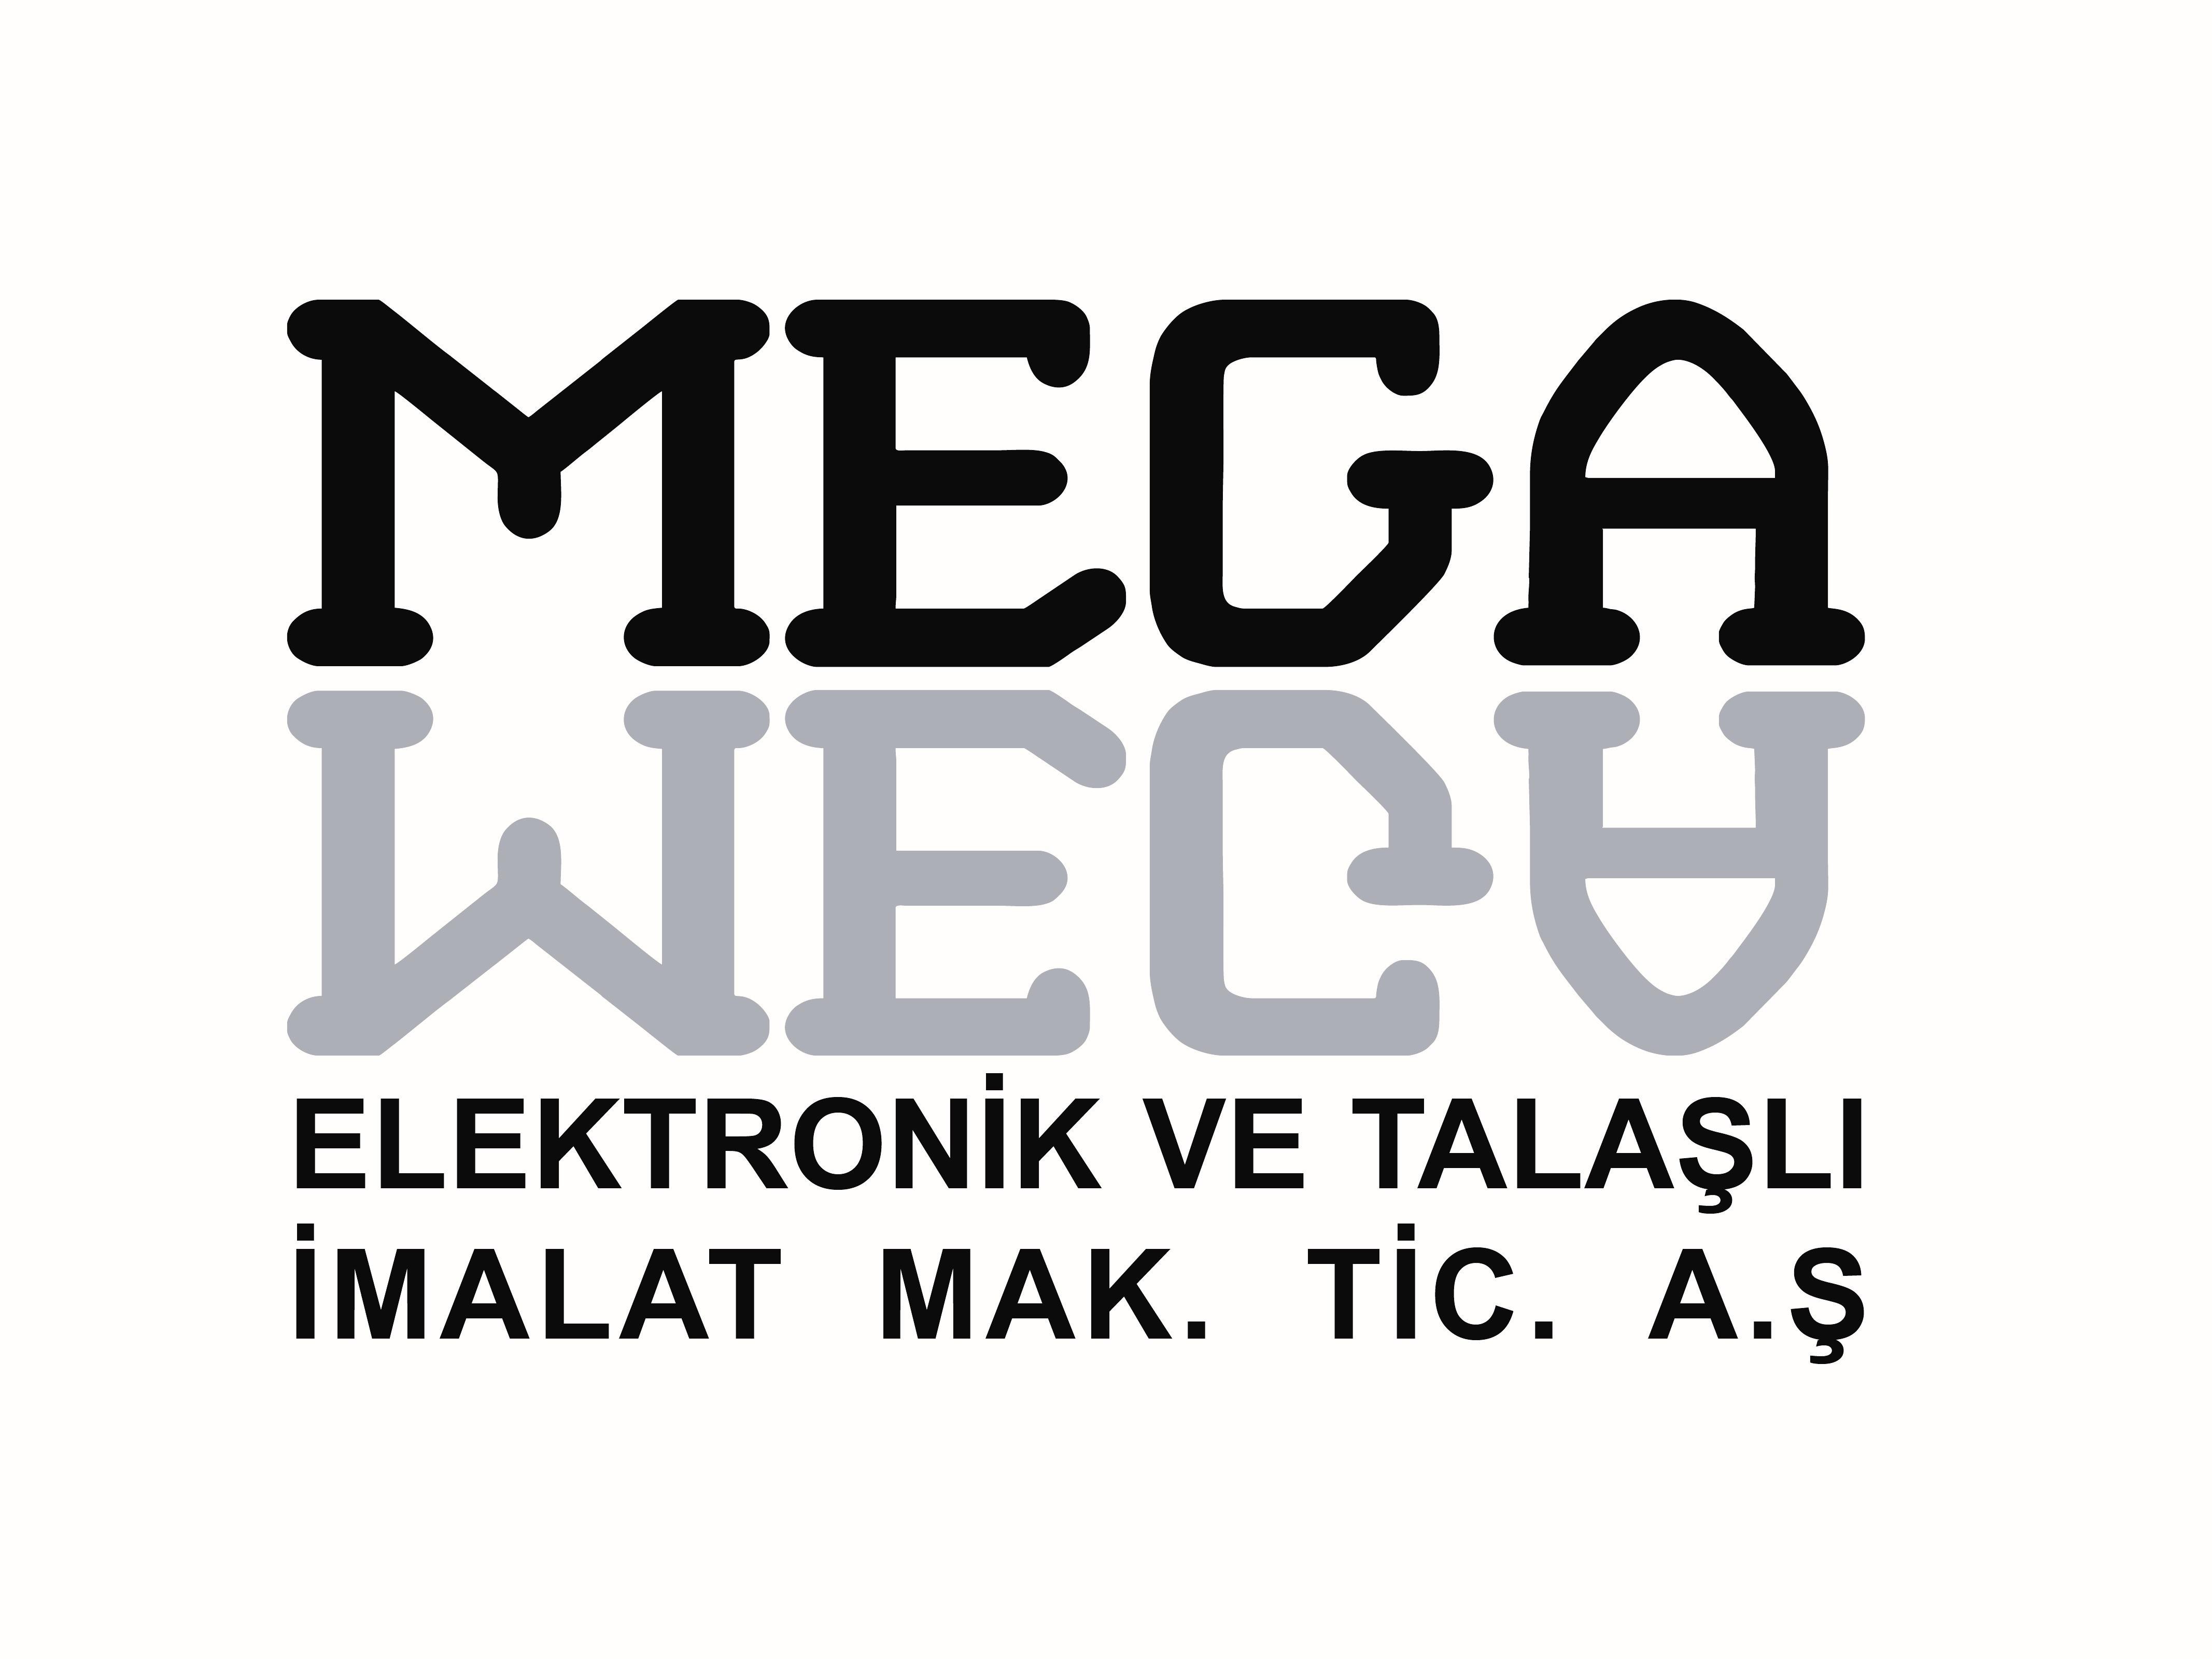 Logo Mega Elektronik VE Talaşlı İmalat Mak. Tic. A.Ş